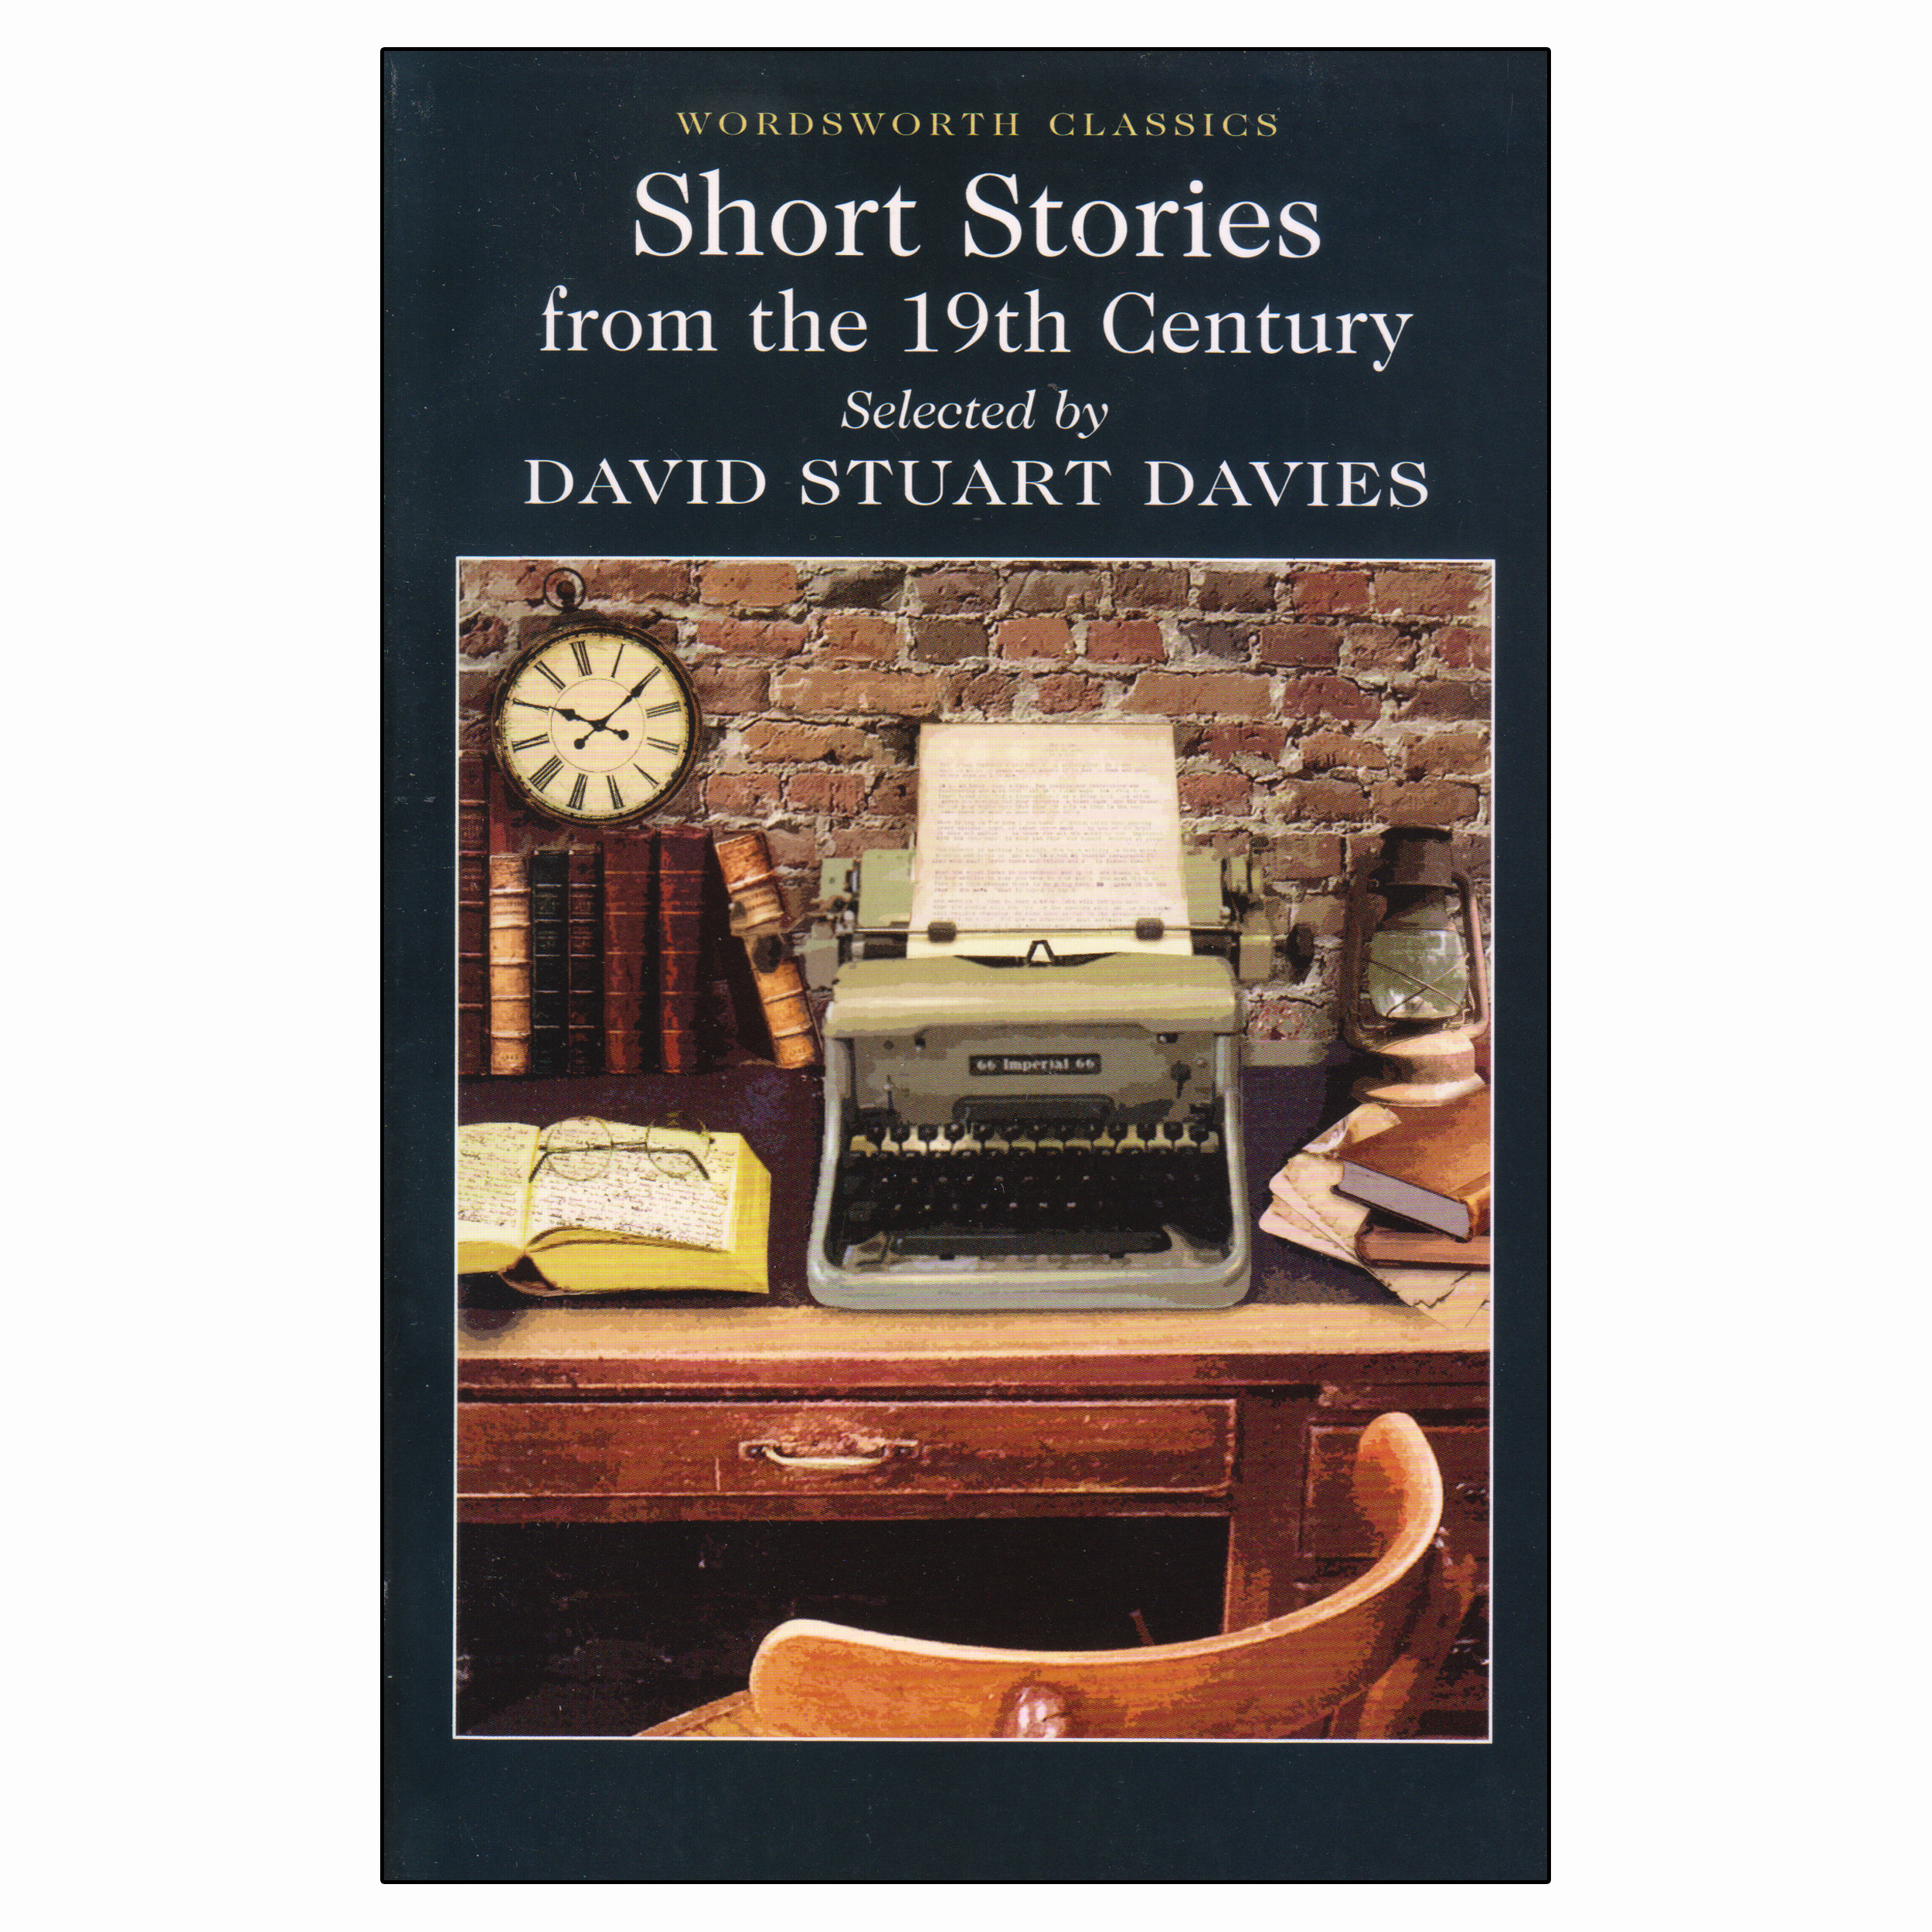 کتاب Short Stories From The 19th Century اثر David Stuart Davies انتشارات Wordsworth Classics